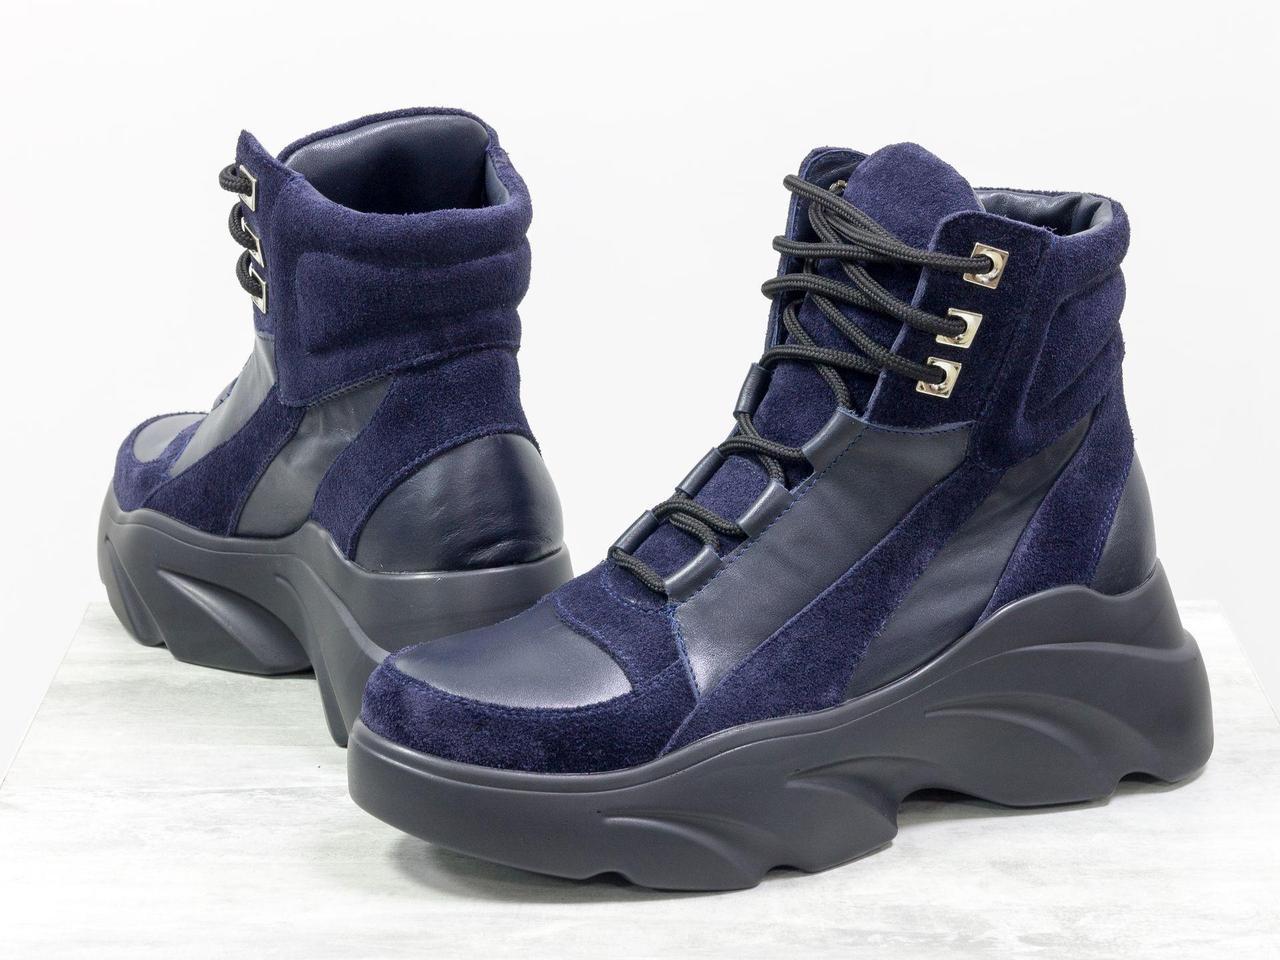 Ботинки спортивного стиля на массивной подошве из натуральной кожи и замши синего цвета